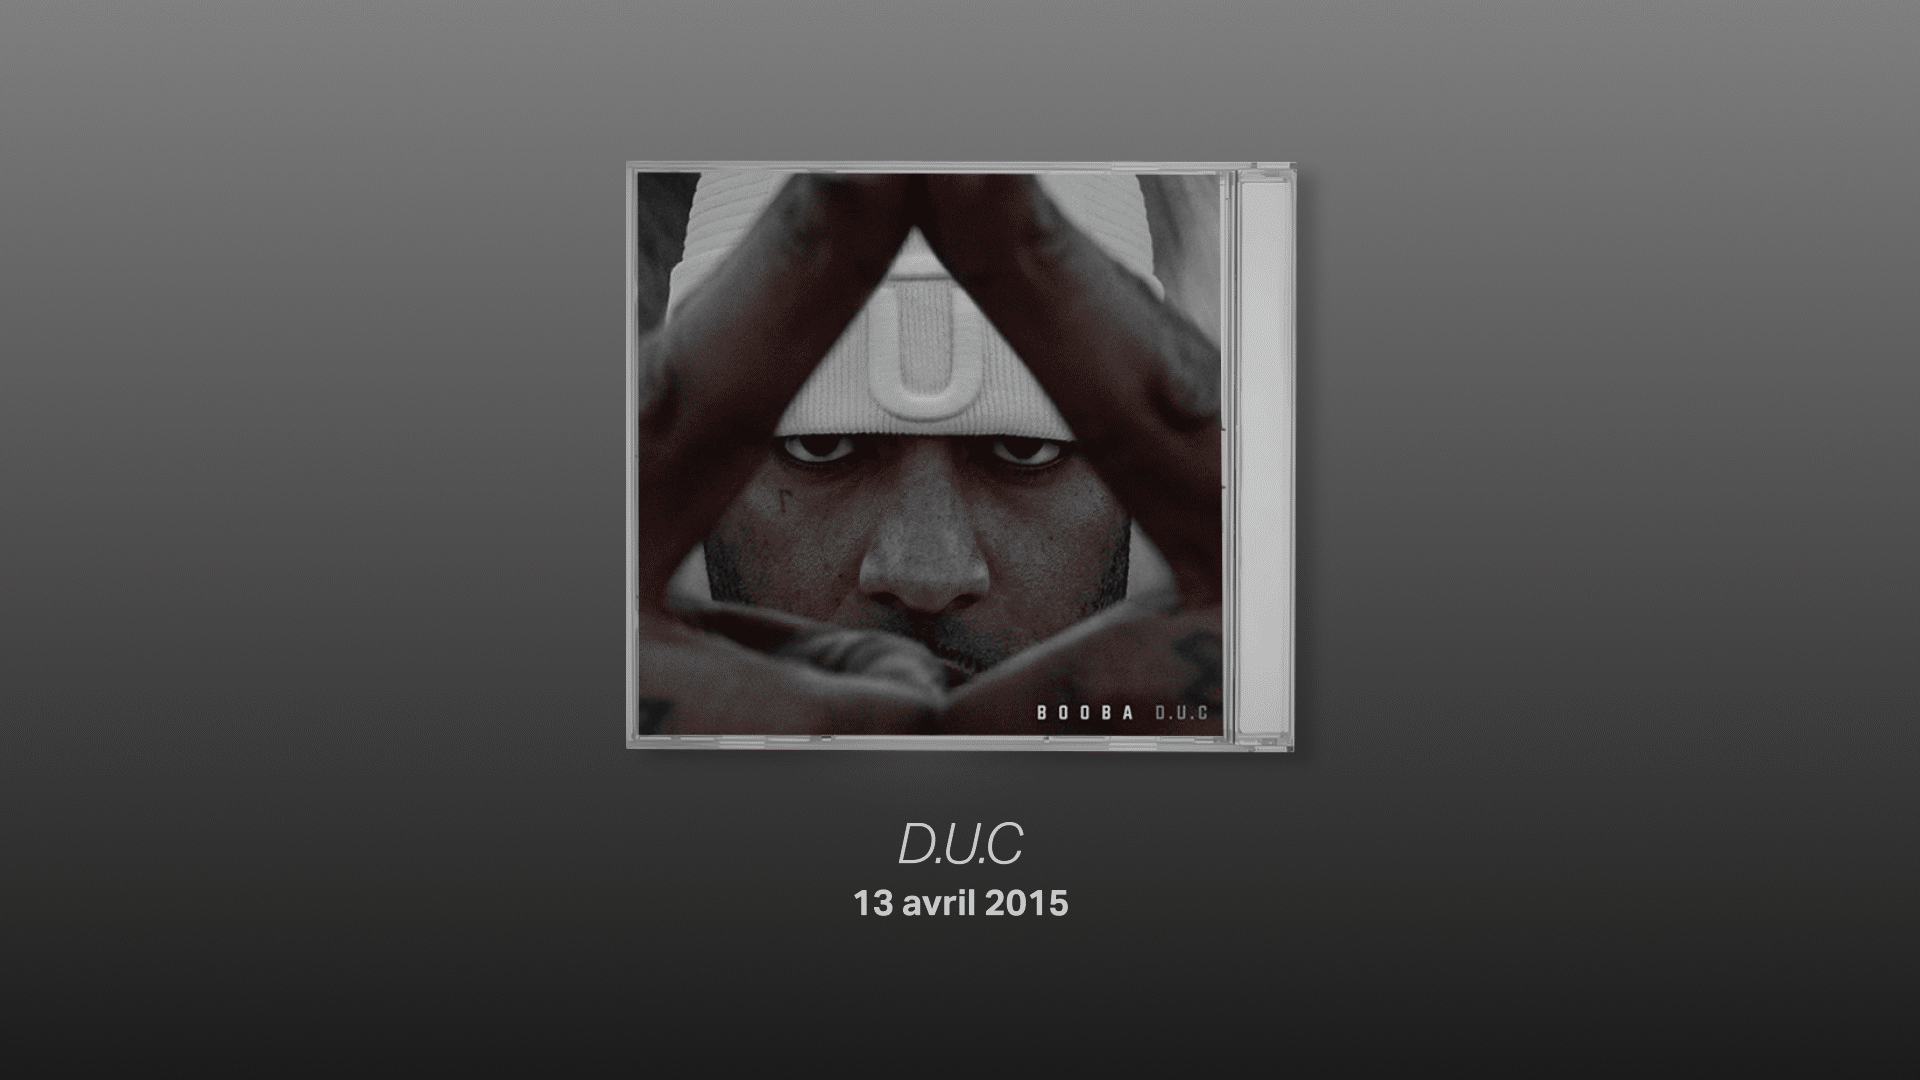 D.U.C, 7eme meilleur album de Booba